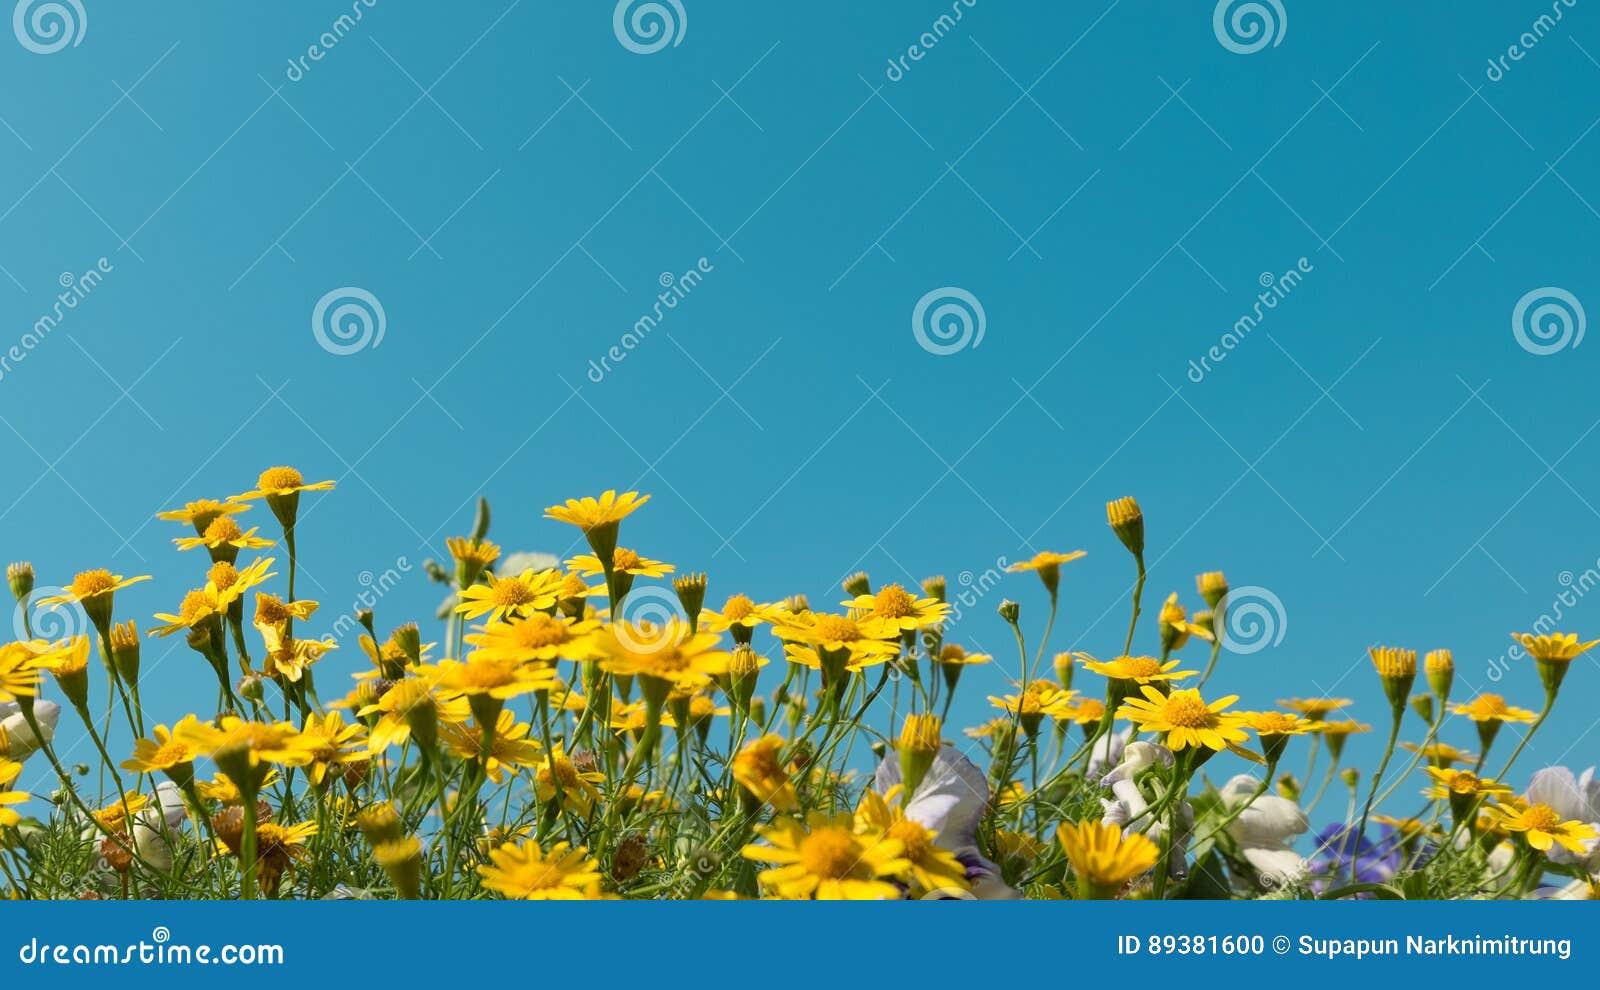 Η κίτρινη μαργαρίτα ανθίζει τον τομέα λιβαδιών με το σαφή μπλε ουρανό, φωτεινό φως ημέρας όμορφο φυσικό καλοκαίρι μαργαριτών άνθι